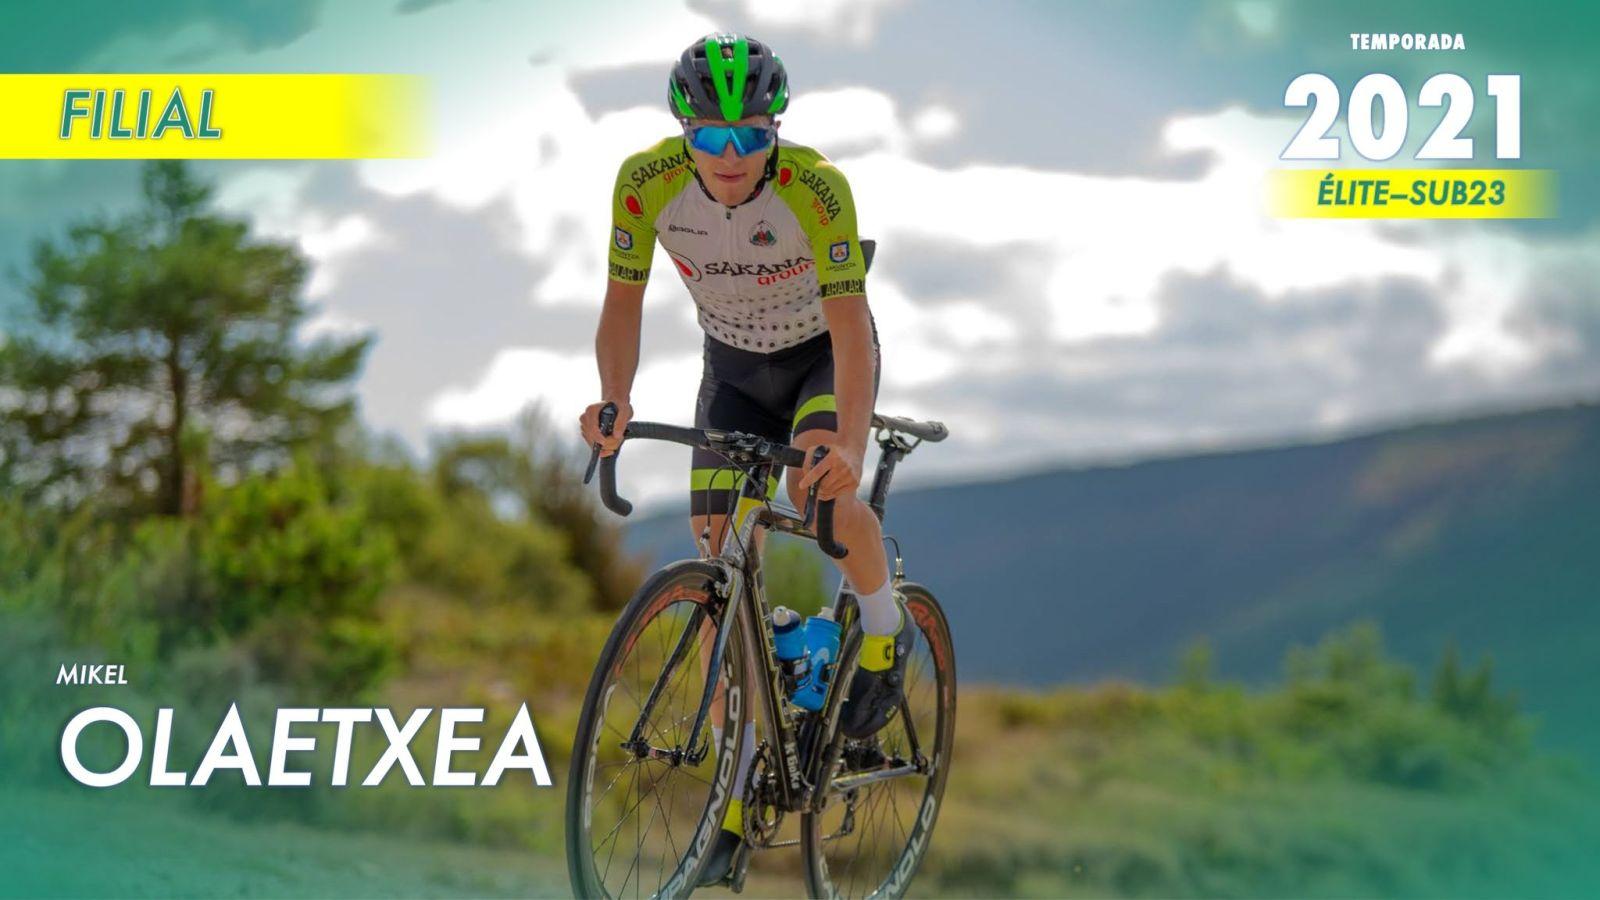 Mikel Olaetxea Caja Rural